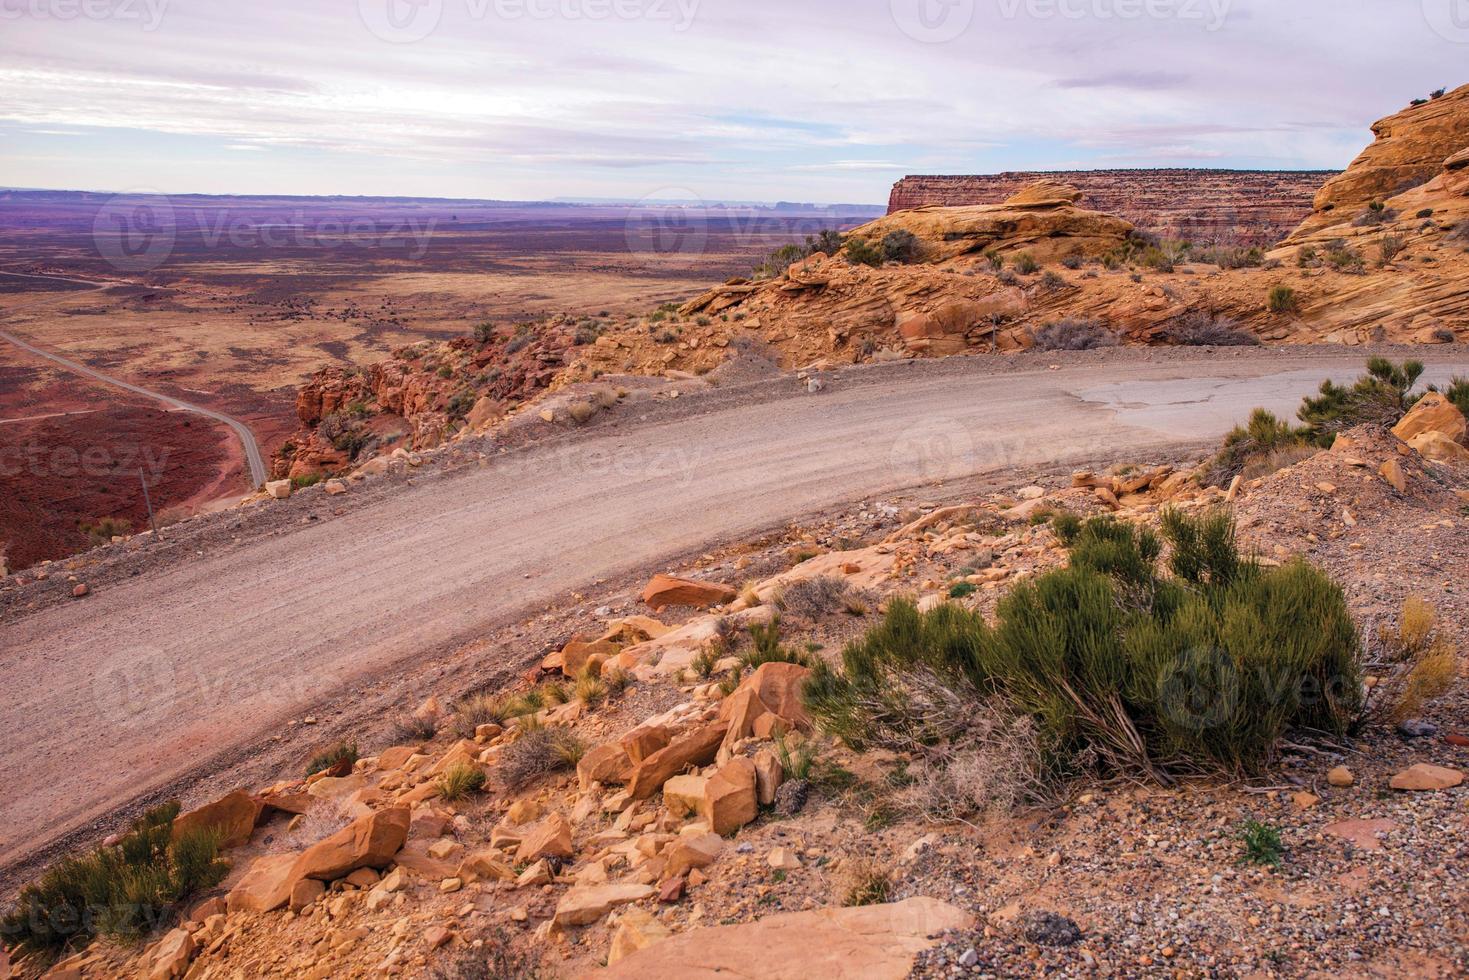 Wüsten-Backcountry-Straße foto